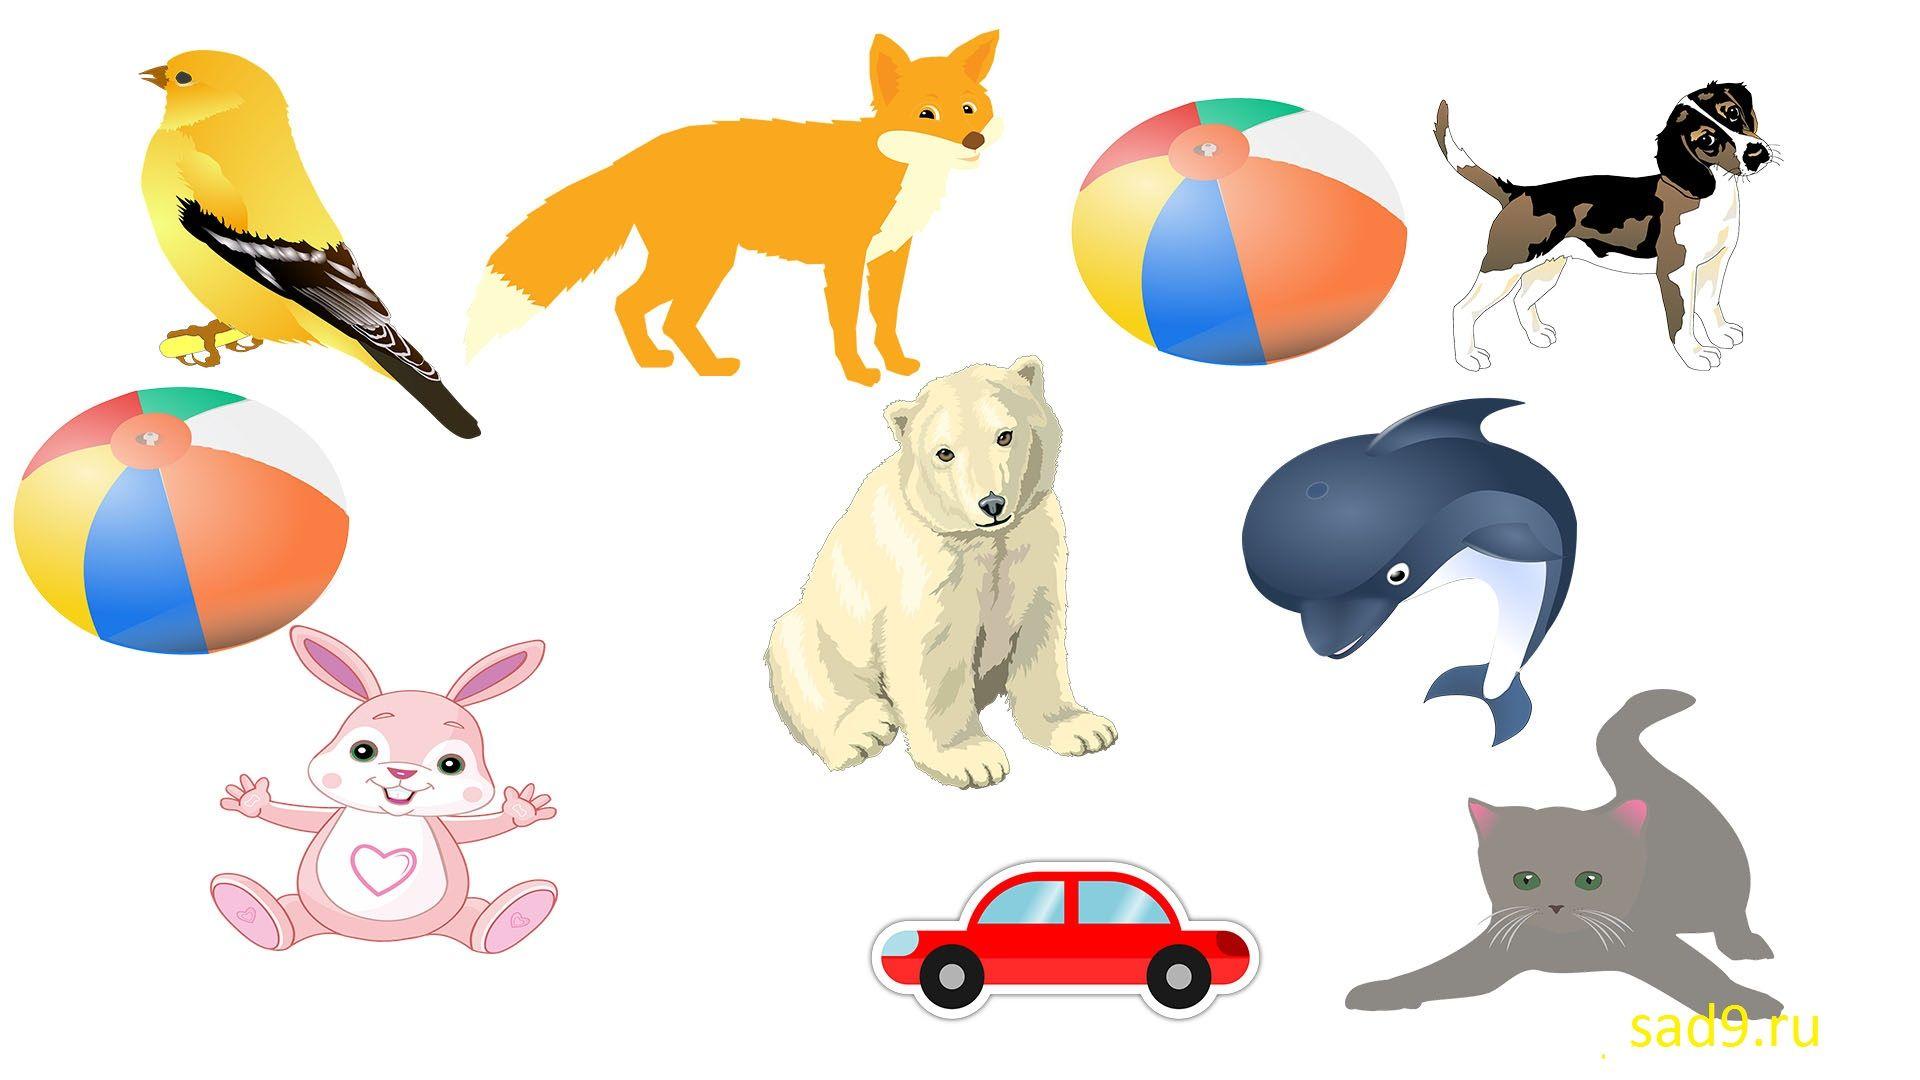 Упражнение для детей - найди одинаковые предметы